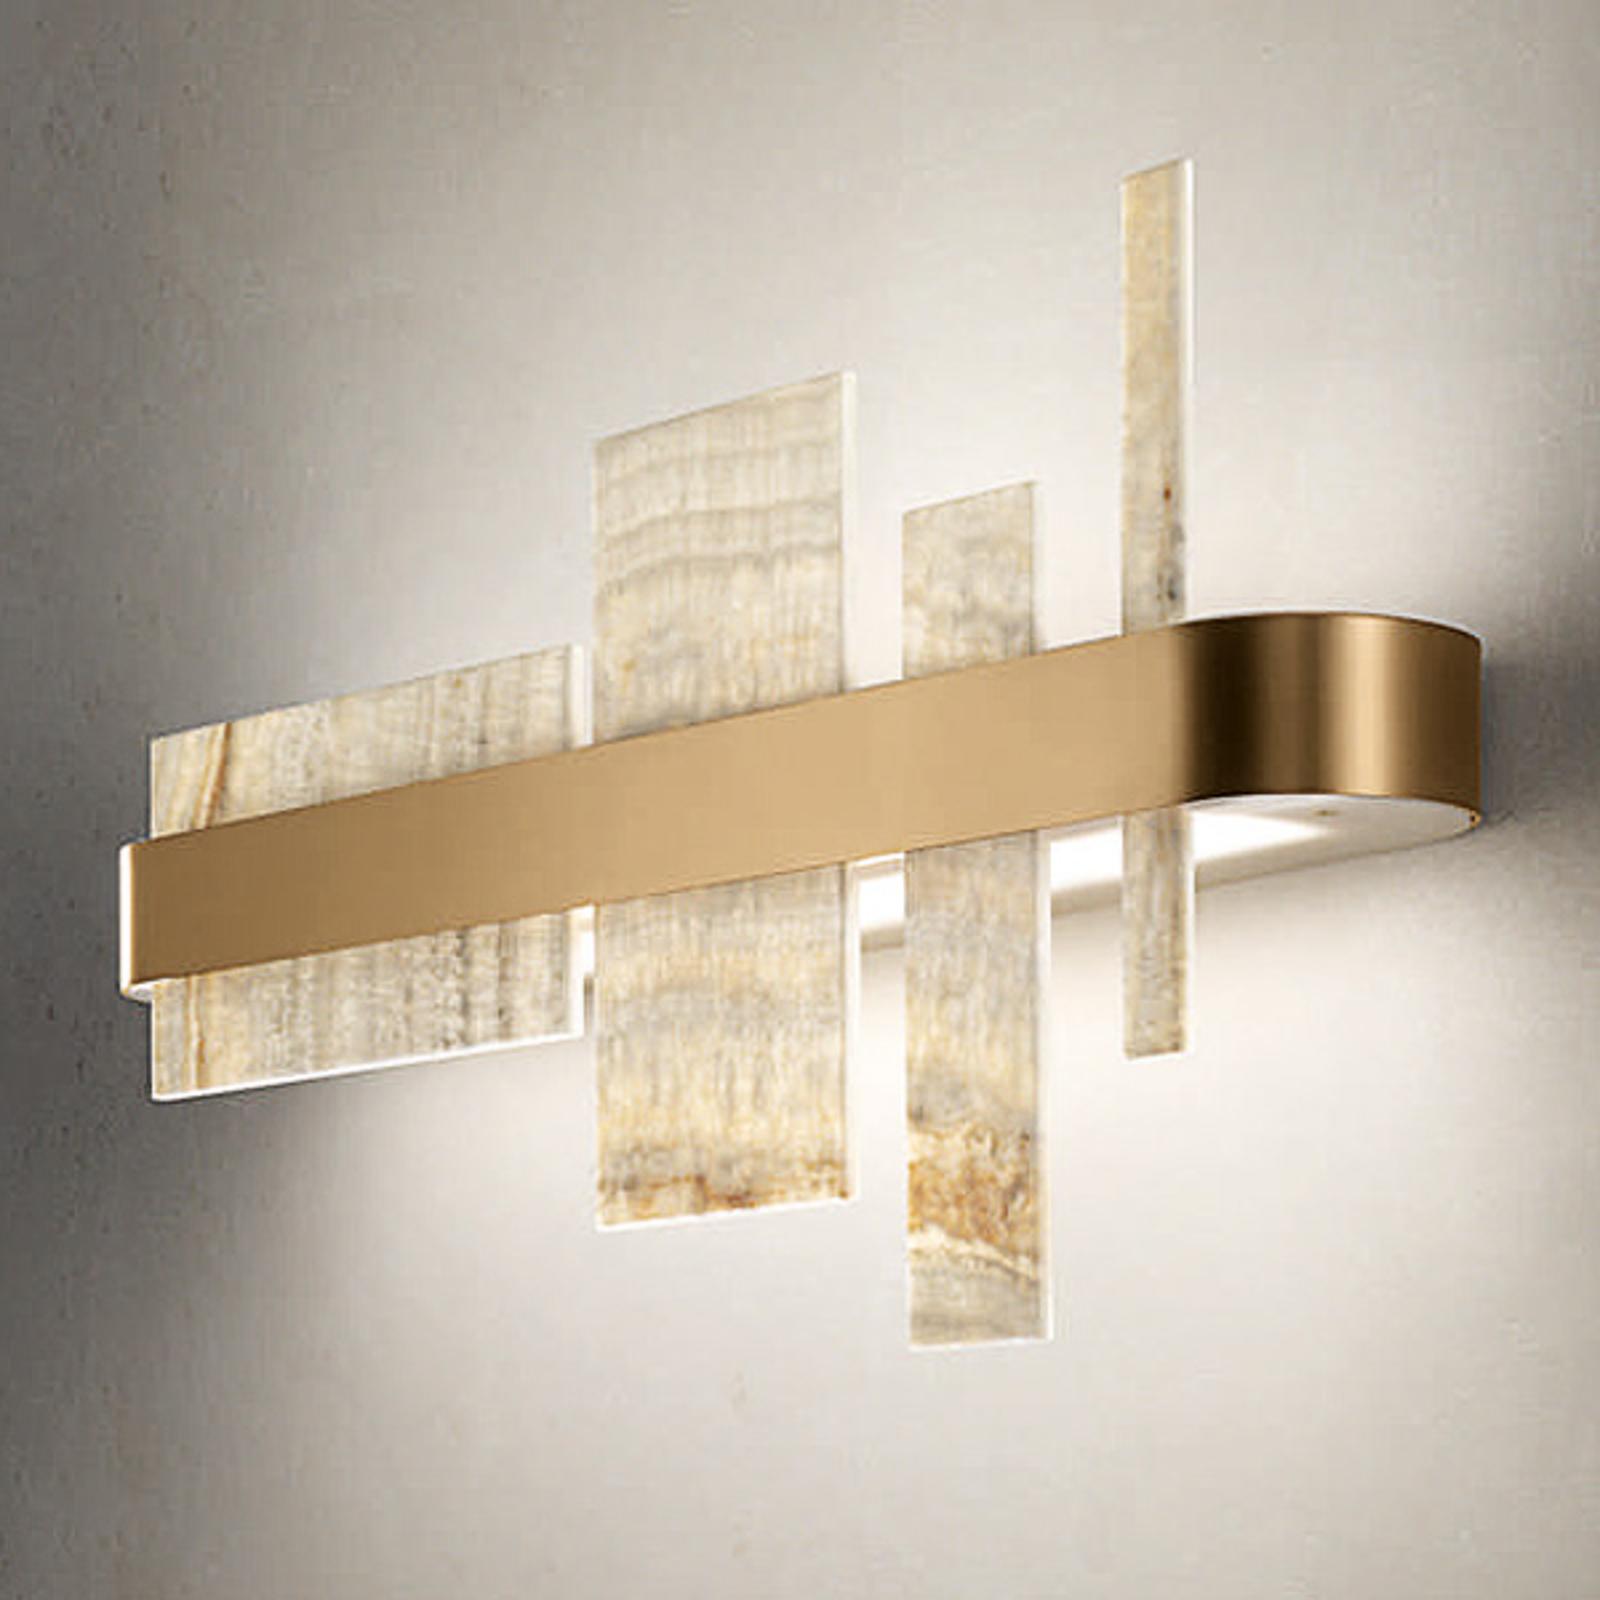 Designer-Wandleuchte Honicé mit LEDs, 65 cm